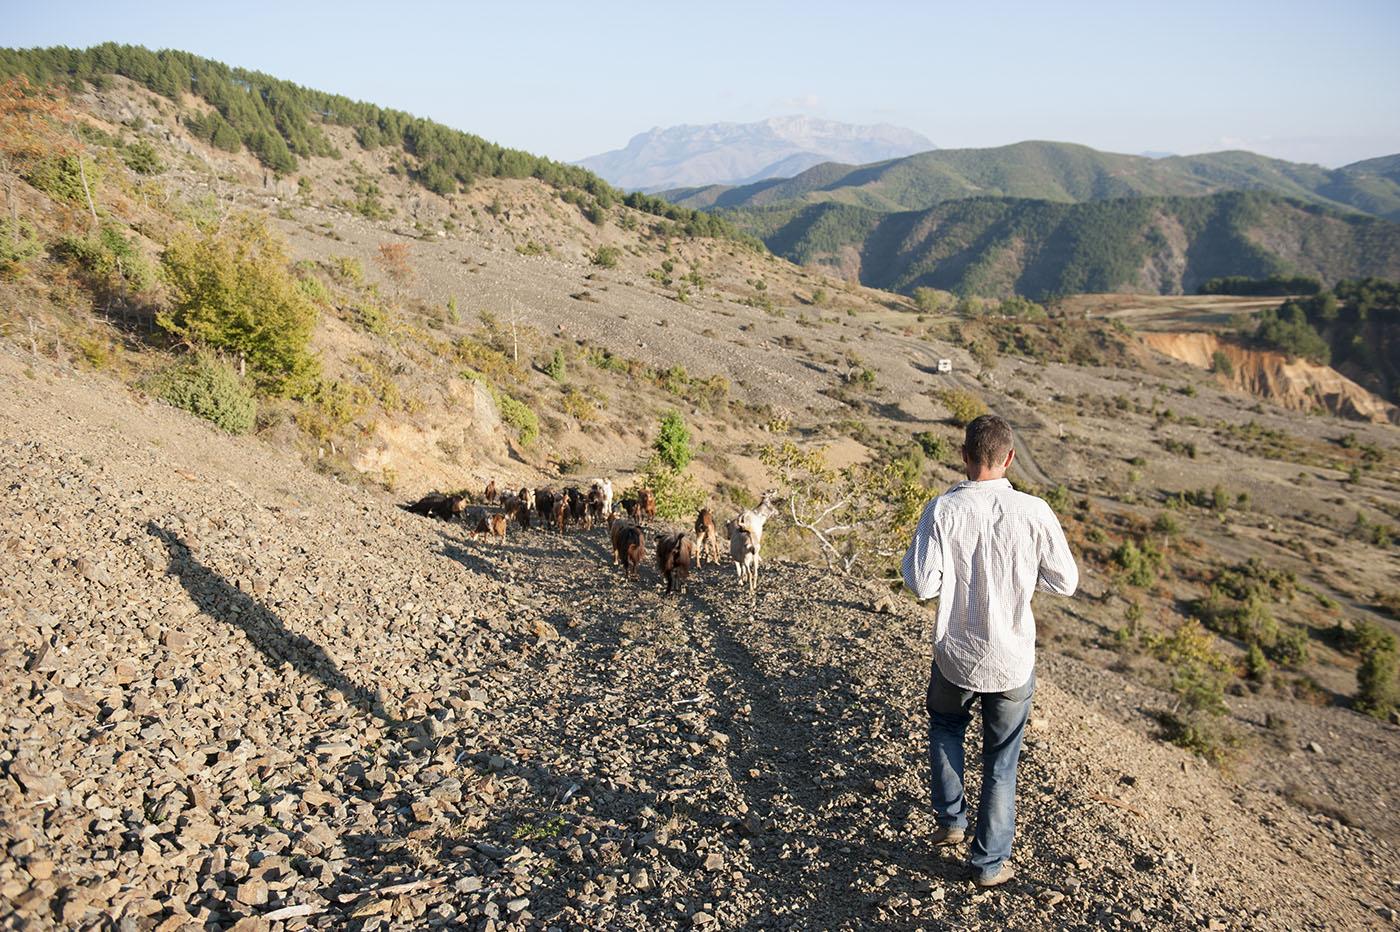 Pascoli nella regione di Pukë